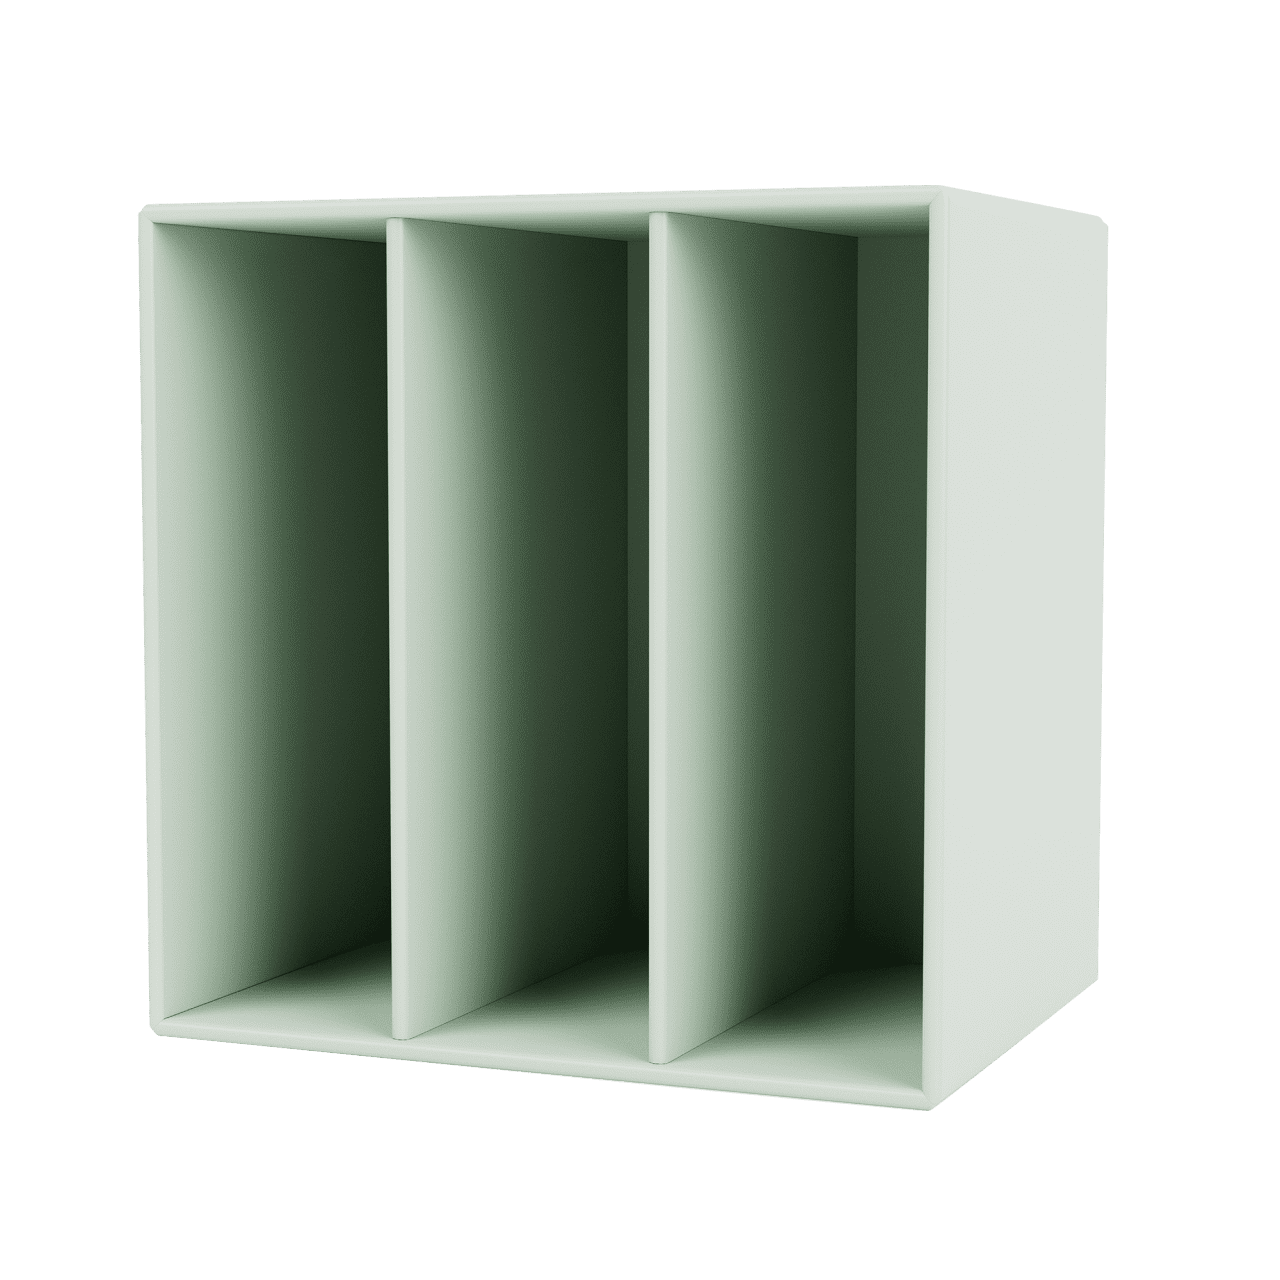 Mini 1104 Wandregal mit vertikalen Fächern